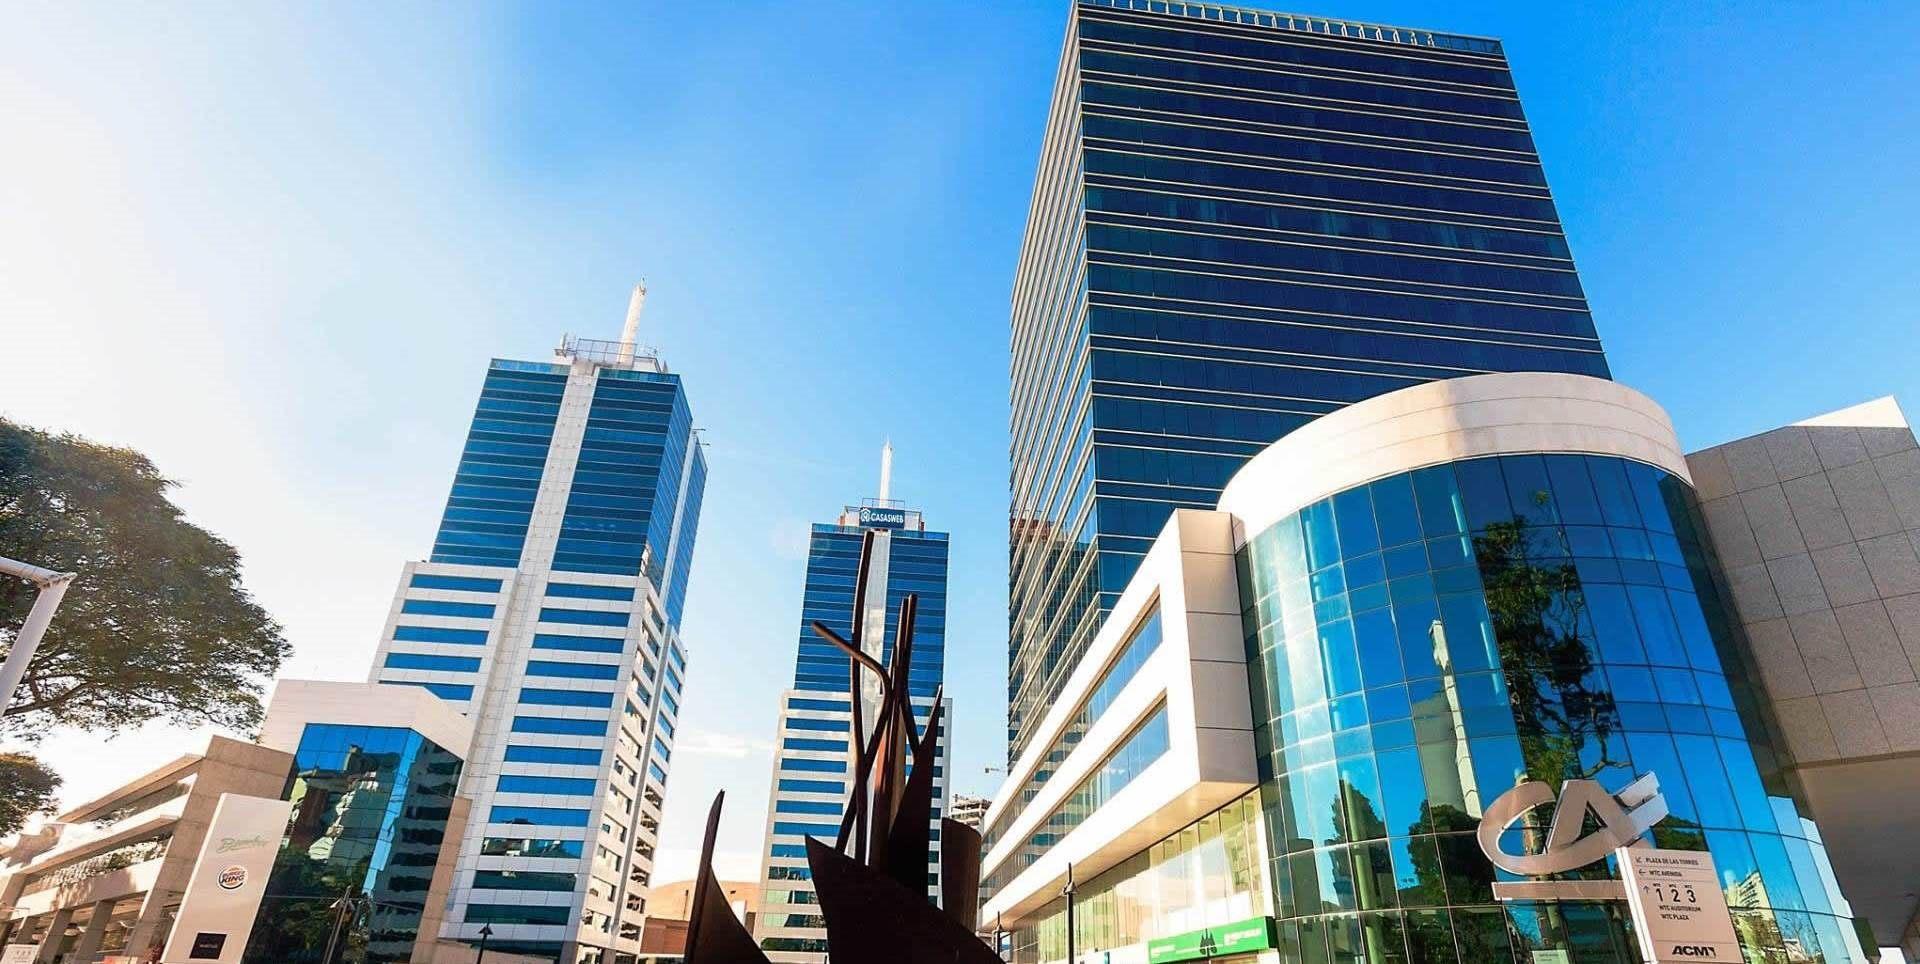 Helguero Negocios Inmobiliarios - Inversiones